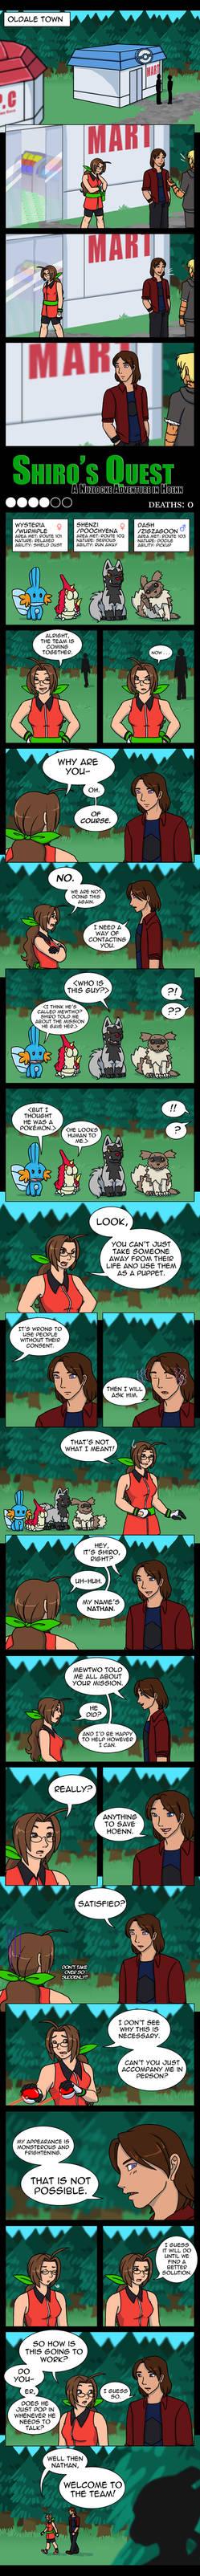 Shiro's Quest, part 03: Follow Me